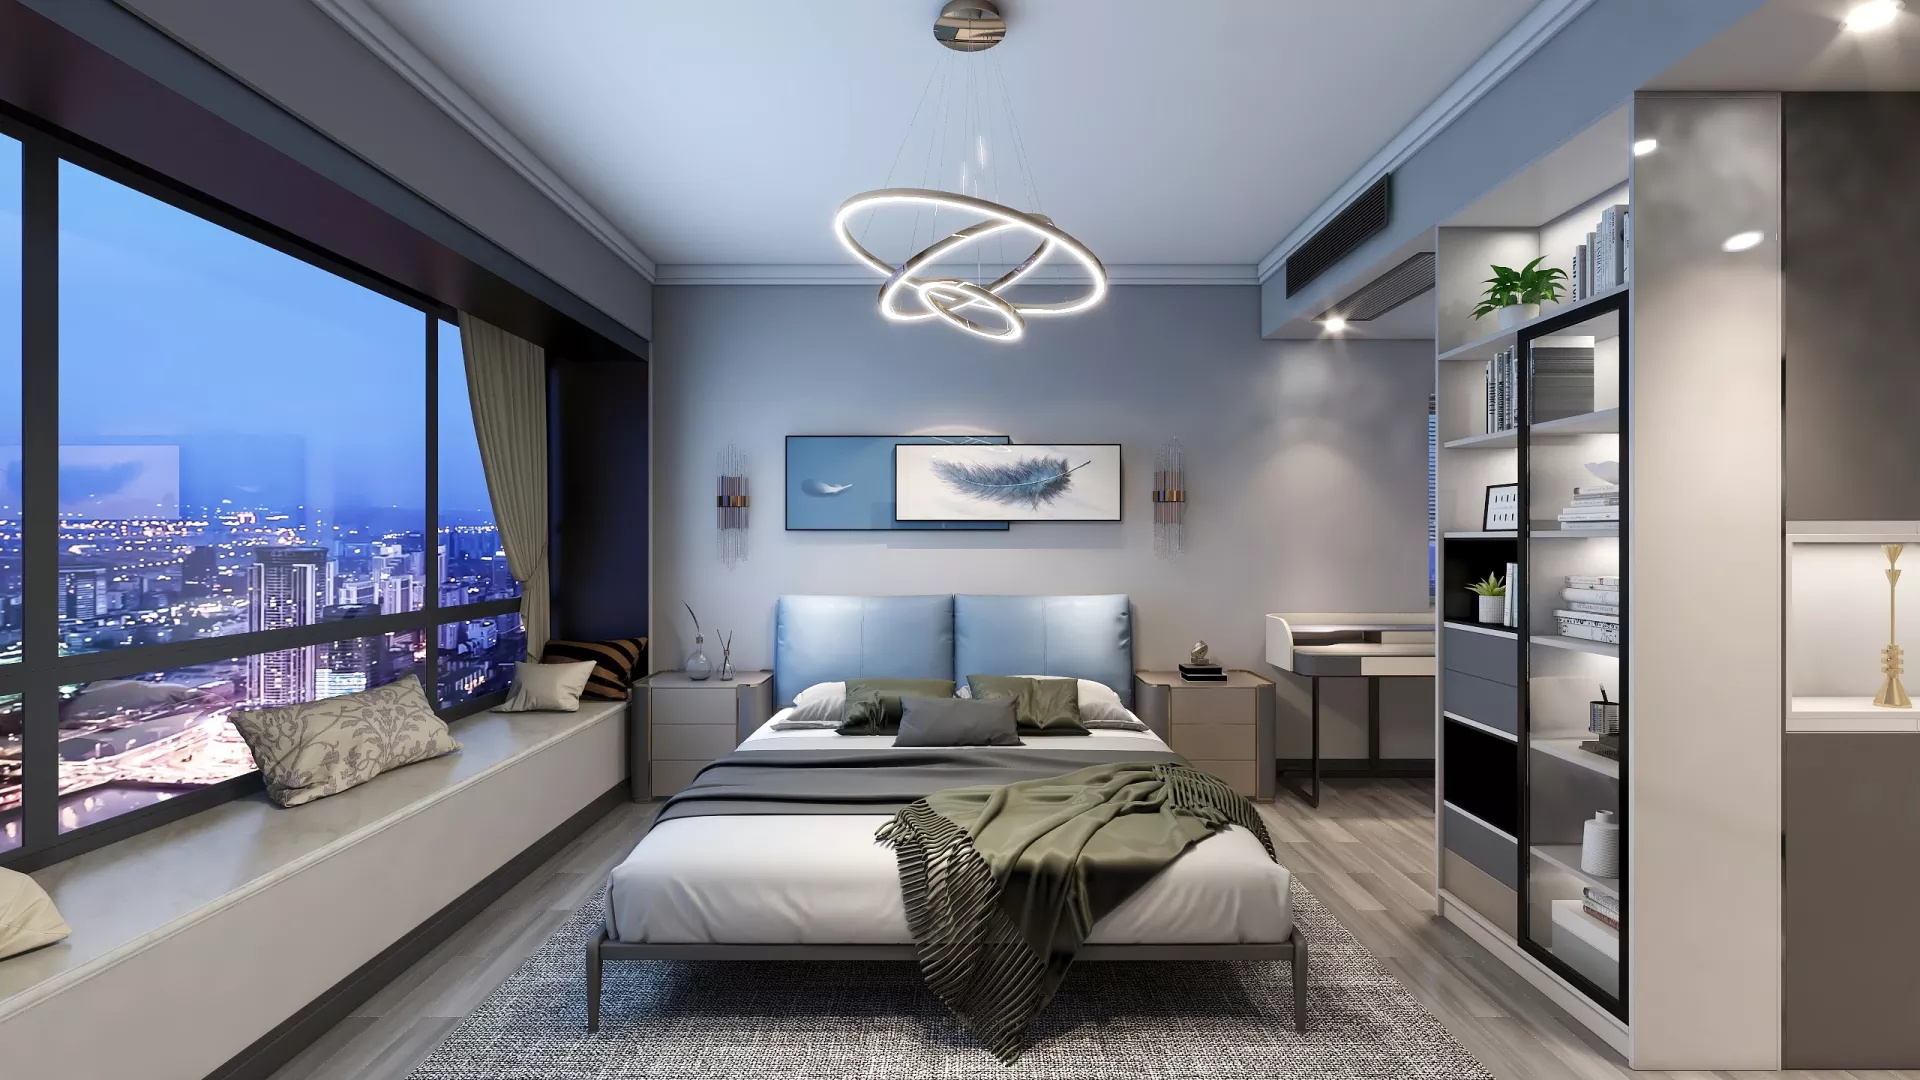 三居室别墅卧室背景墙装修设计效果图